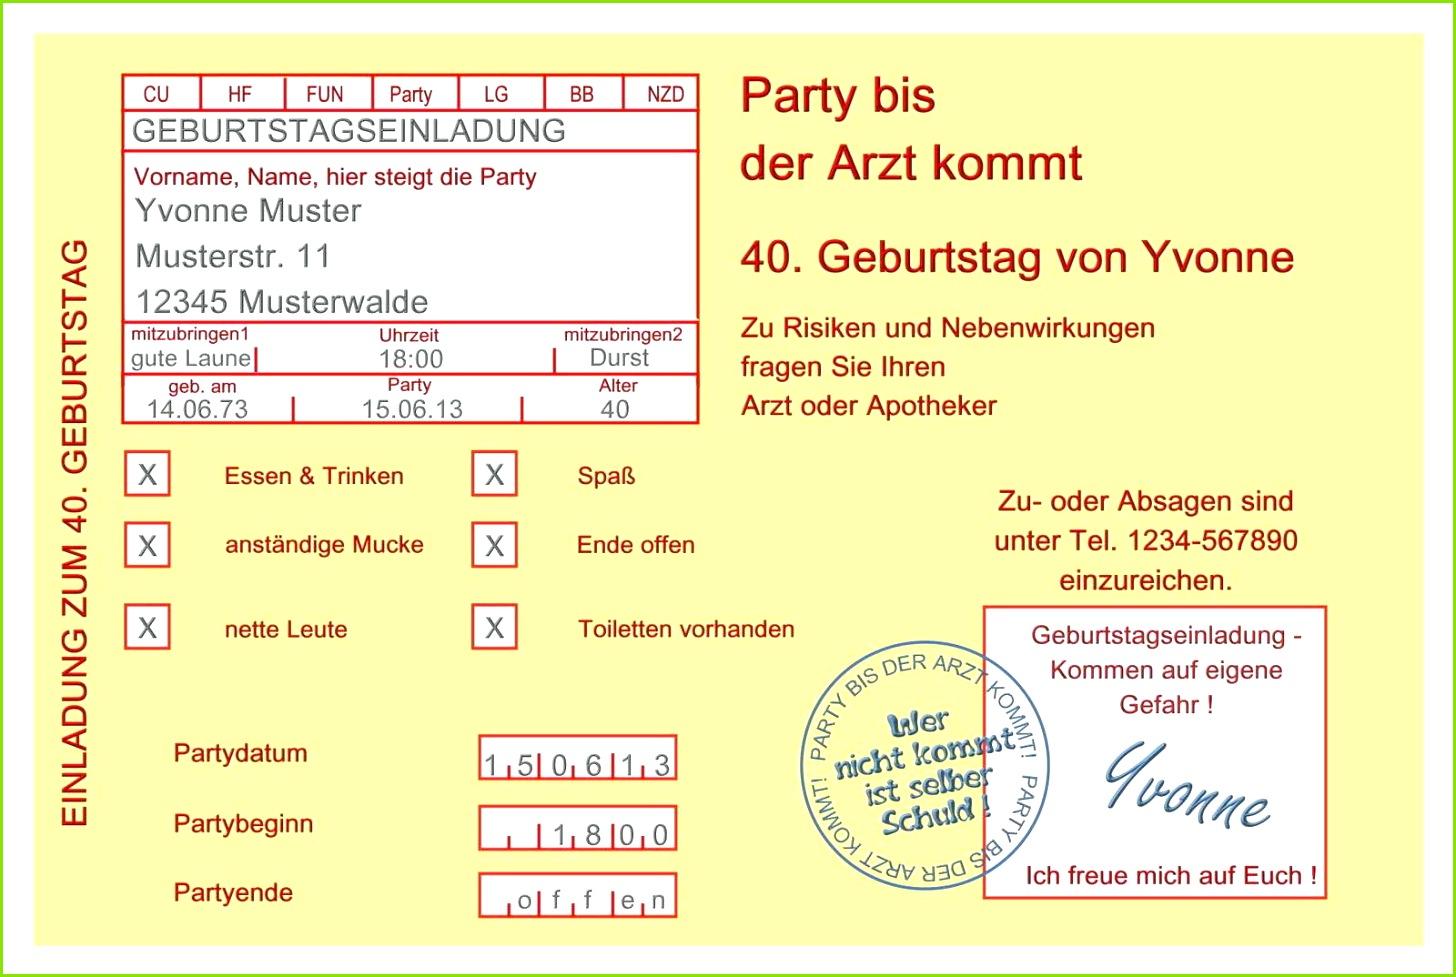 Einladungskarten Geburtstag Vorlagen Kostenlos Vorlagen Einladung Geburtstag Kostenlos Einladungskarten Vorlagen Einladungskarten Geburtstag Vorlagen